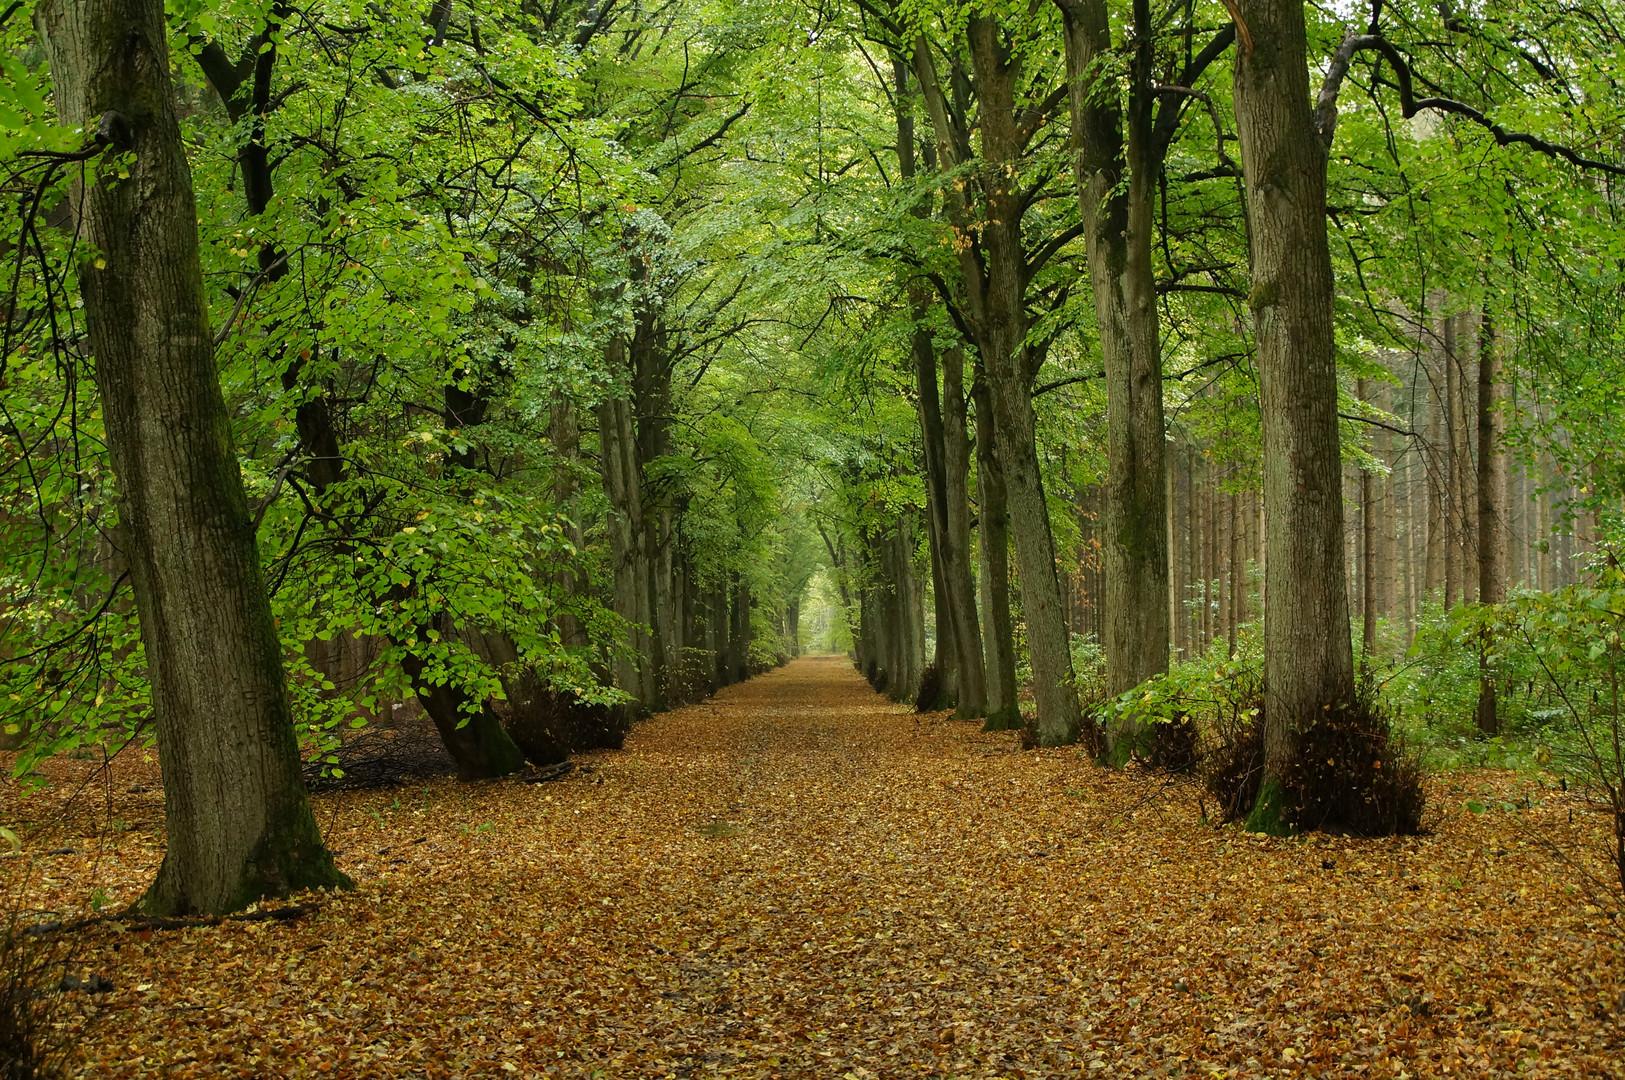 Der Wald steht still und schweiget ...